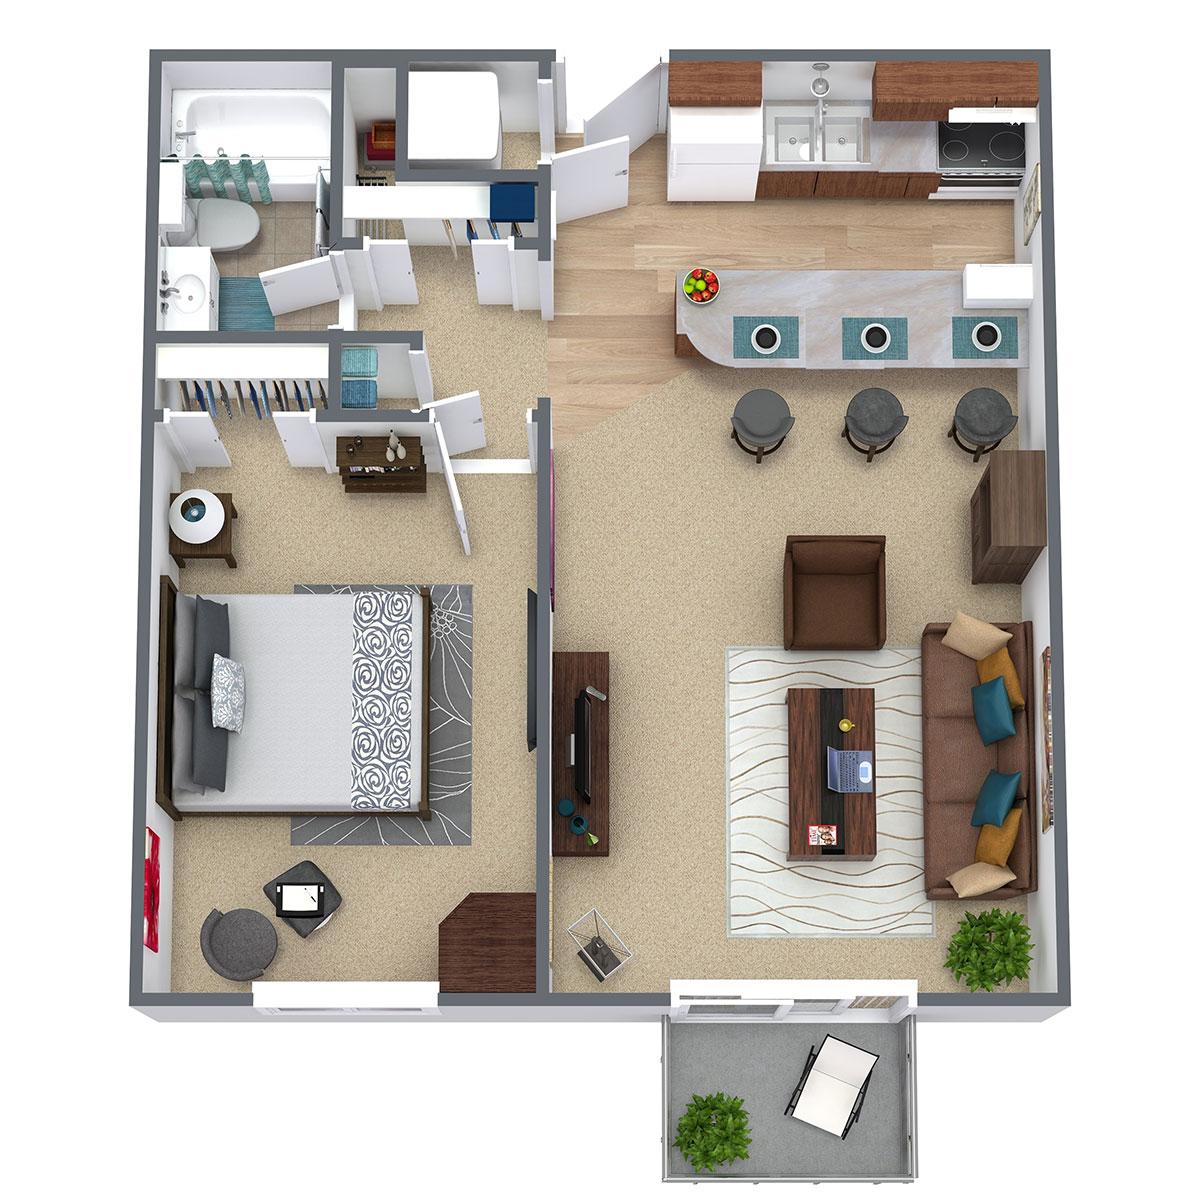 Informative Picture of 1 Bedroom - Breakfast Bar / 1 Bath